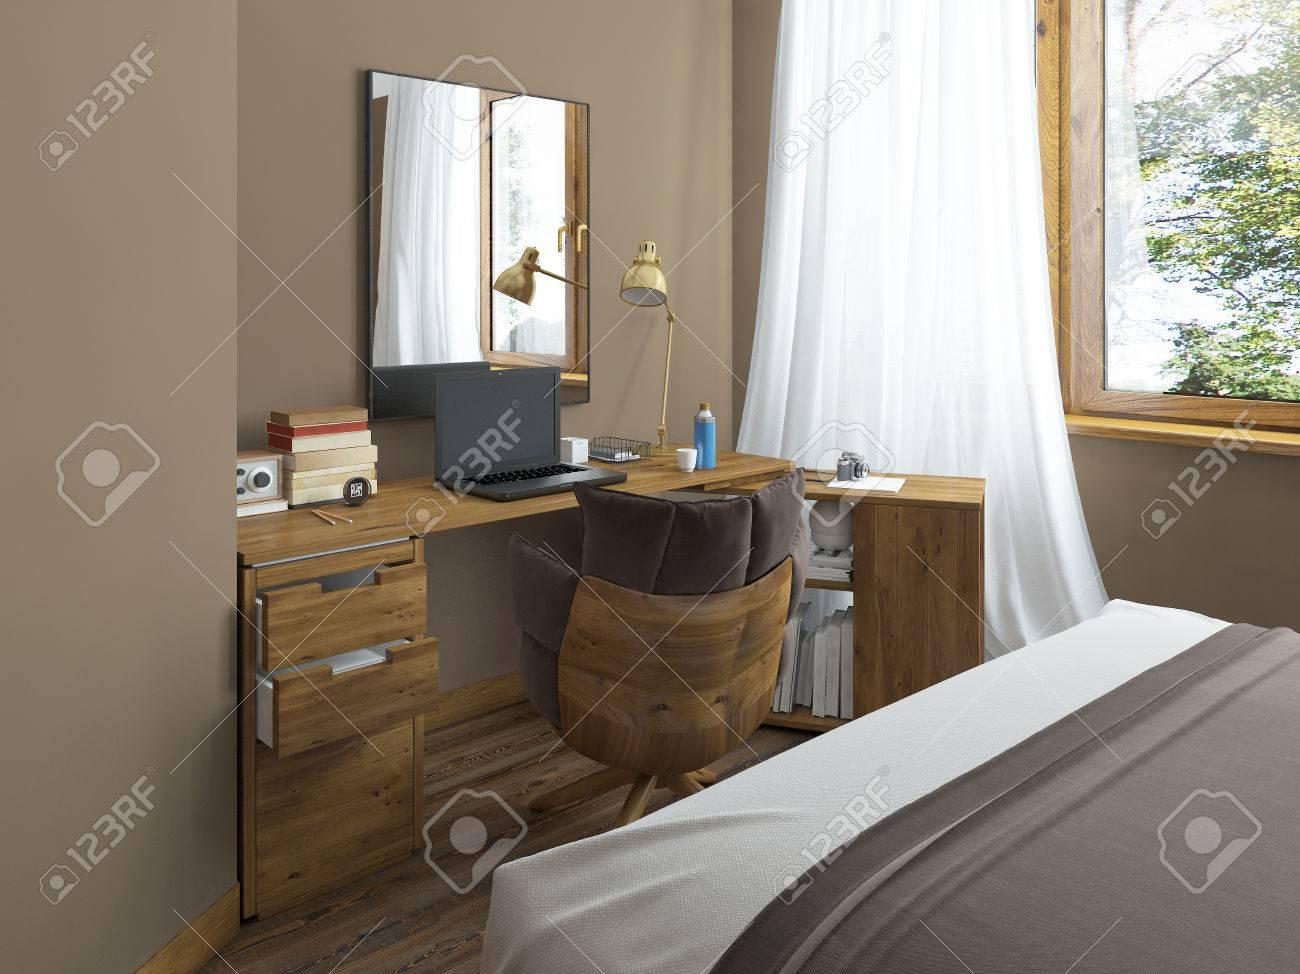 Full Size of Schreibtisch In Einem Schlafzimmer Komplett Massivholz Landhaus Truhe Günstige Stehlampe Stuhl Für Schranksysteme Esstisch Ausziehbar Luxus Weißes Günstig Schlafzimmer Schlafzimmer Massivholz